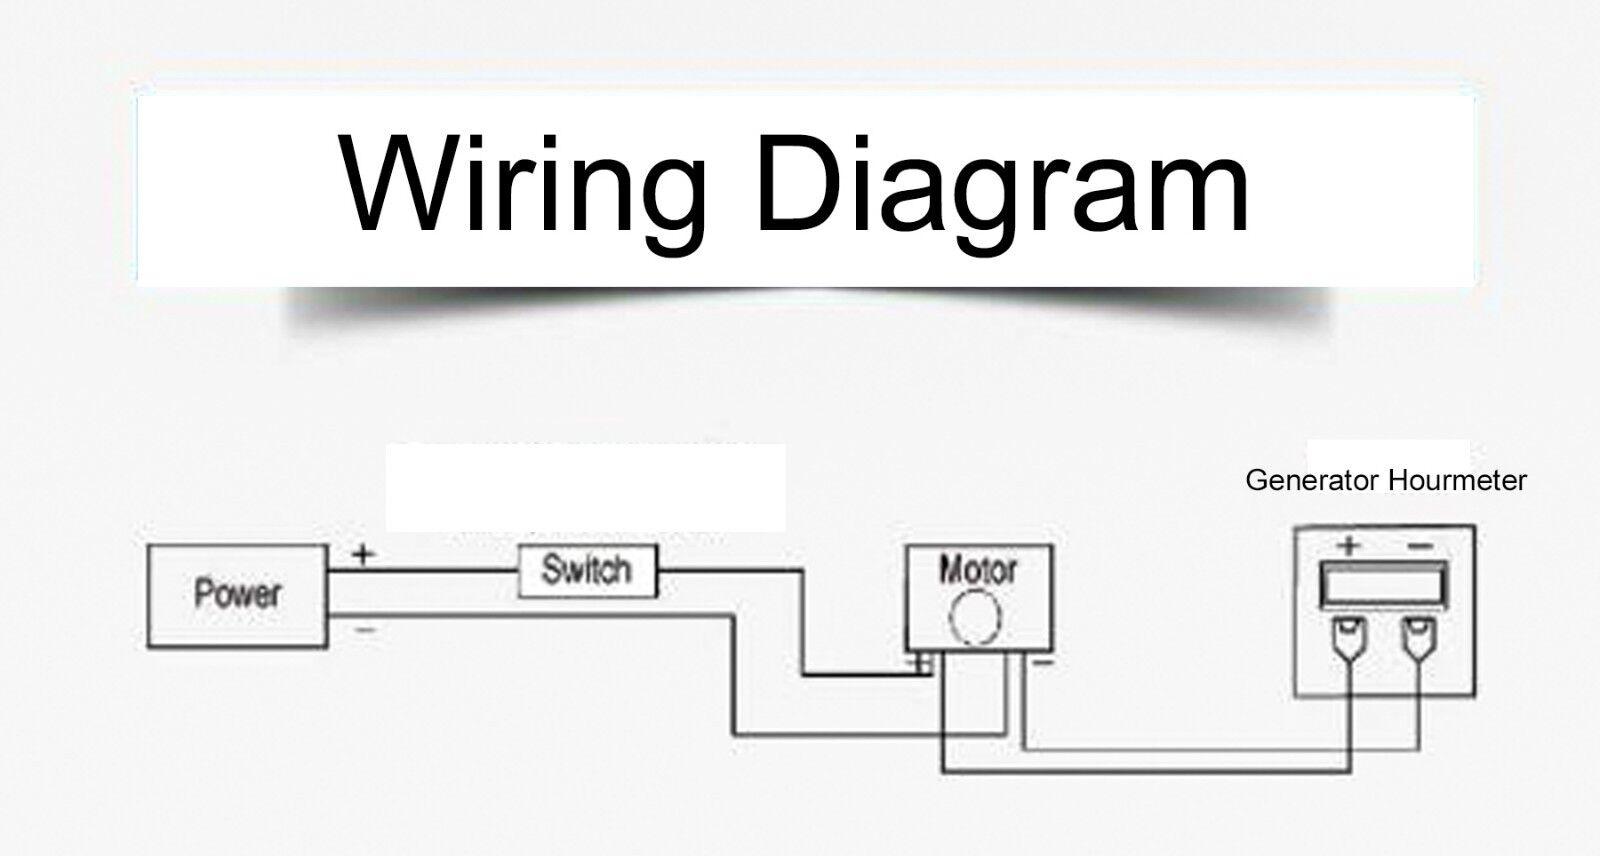 hour meter wiring diagram generator hour meter gauge 110 120 240 v volt onan diesel hour meter wiring diagram 110 120 240 v volt onan diesel